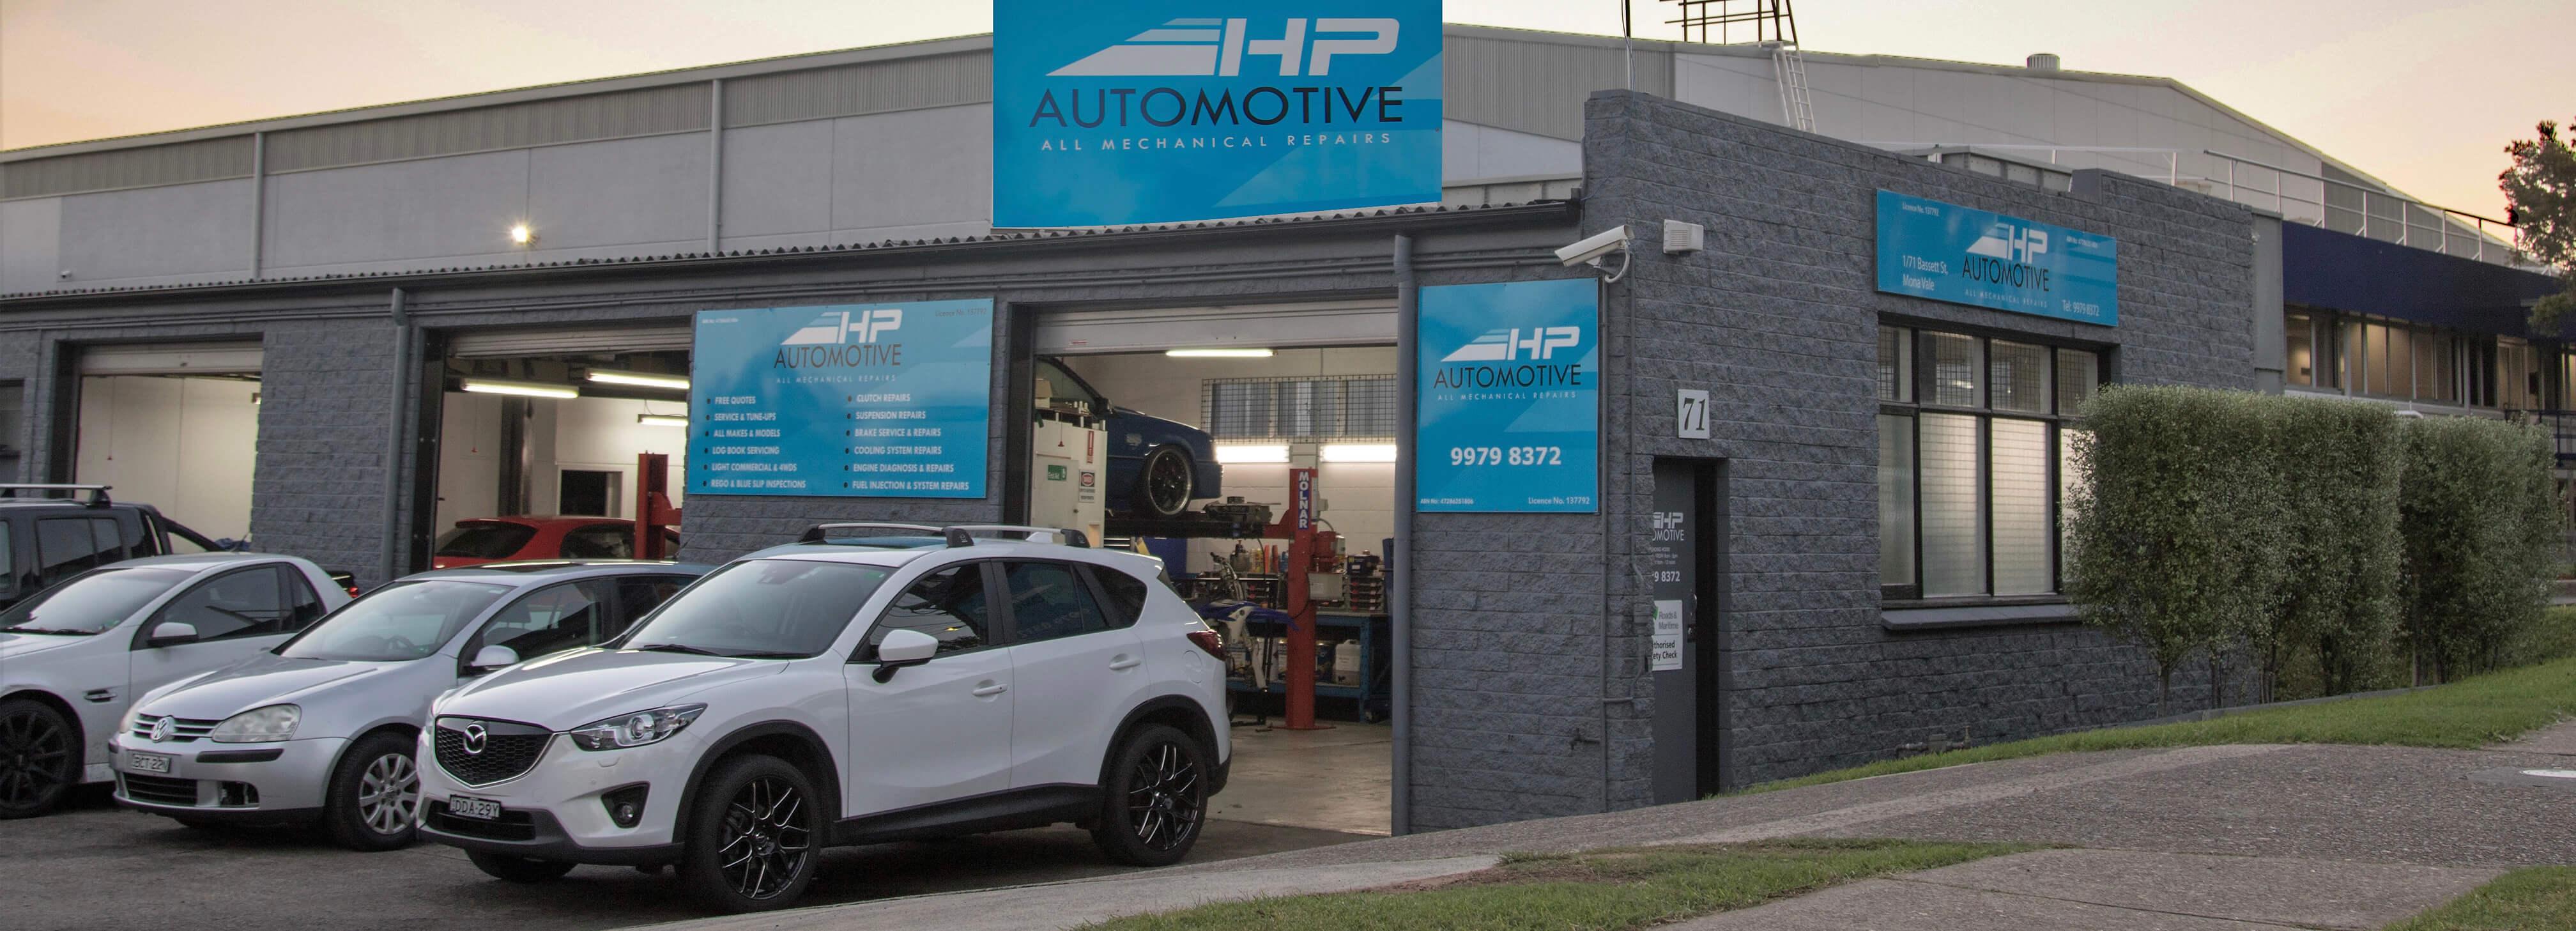 Car Servicing, Repair and Auto Mechanic Shop Sydney - HP Automotive